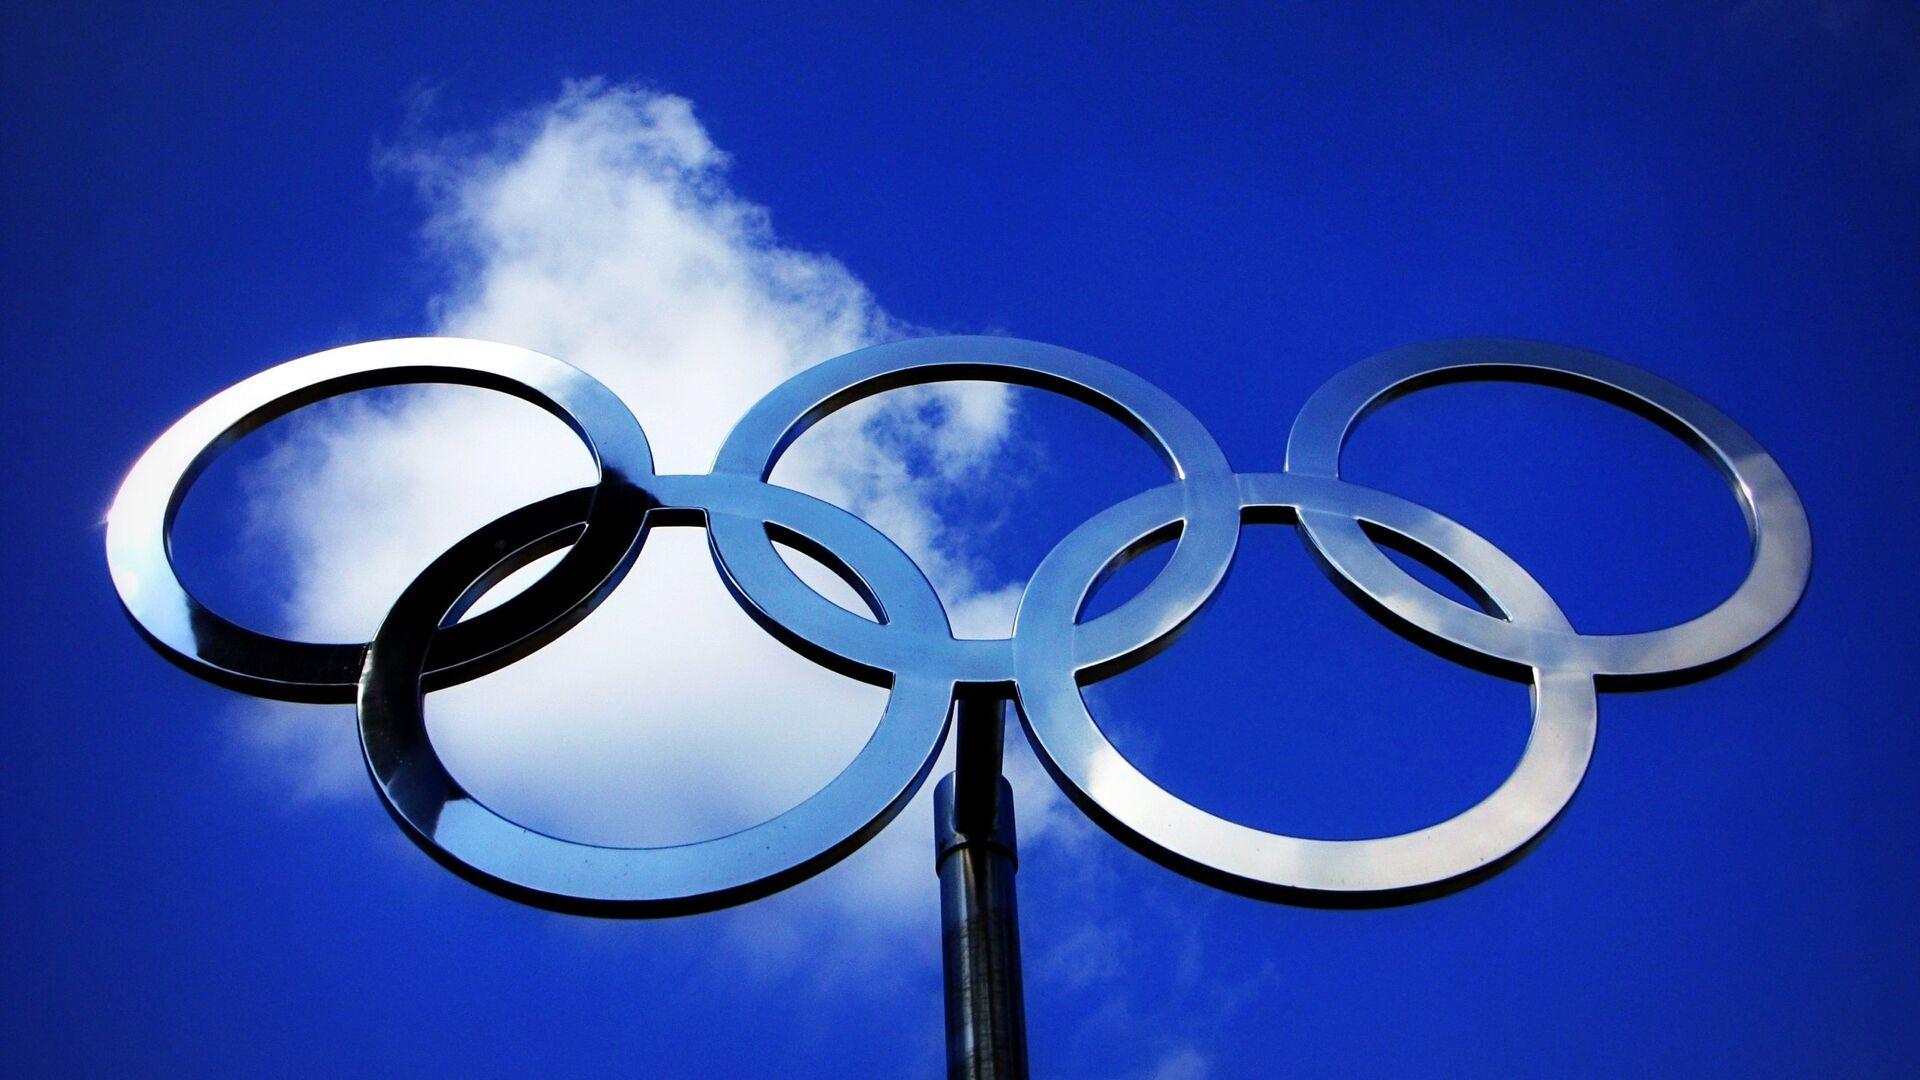 Anillos olímpicos (imagen referencial) - Sputnik Mundo, 1920, 15.04.2021